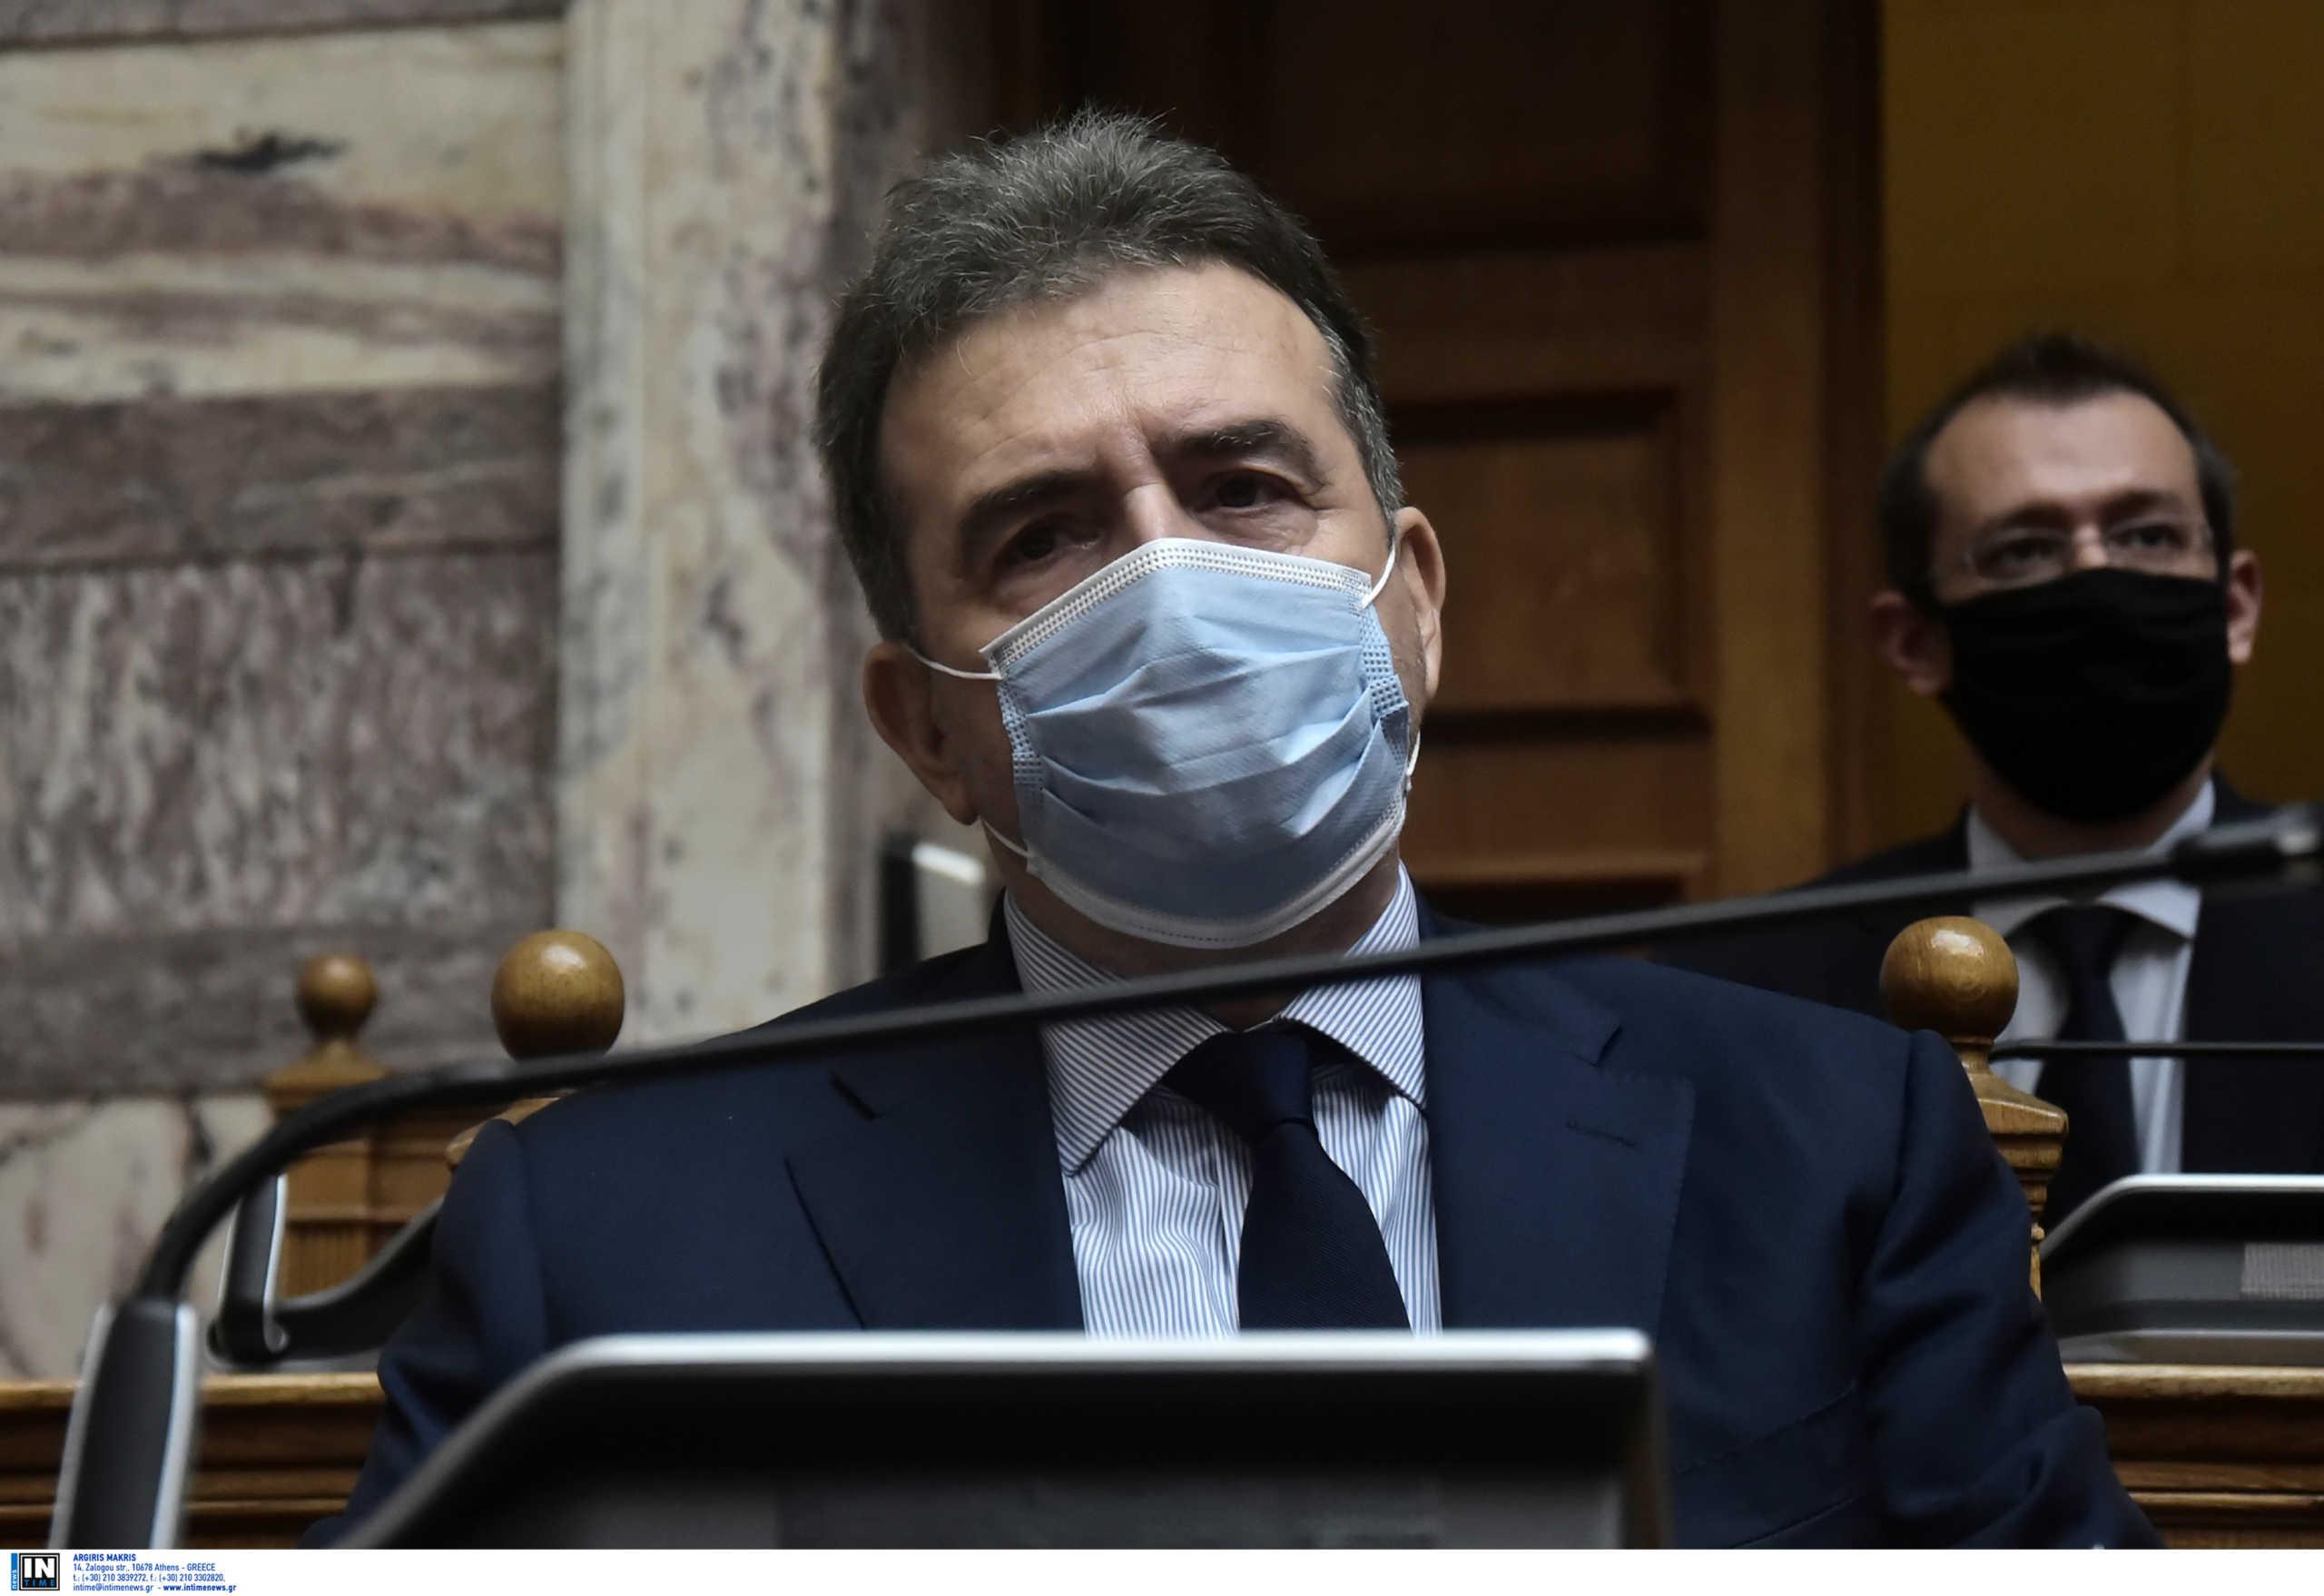 Χρυσοχοΐδης: Η νομιμότητα δεν είναι διαπραγματεύσιμη και δεν θα υπάρξει καμία ανοχή σε φαινόμενα παραβατικότητας